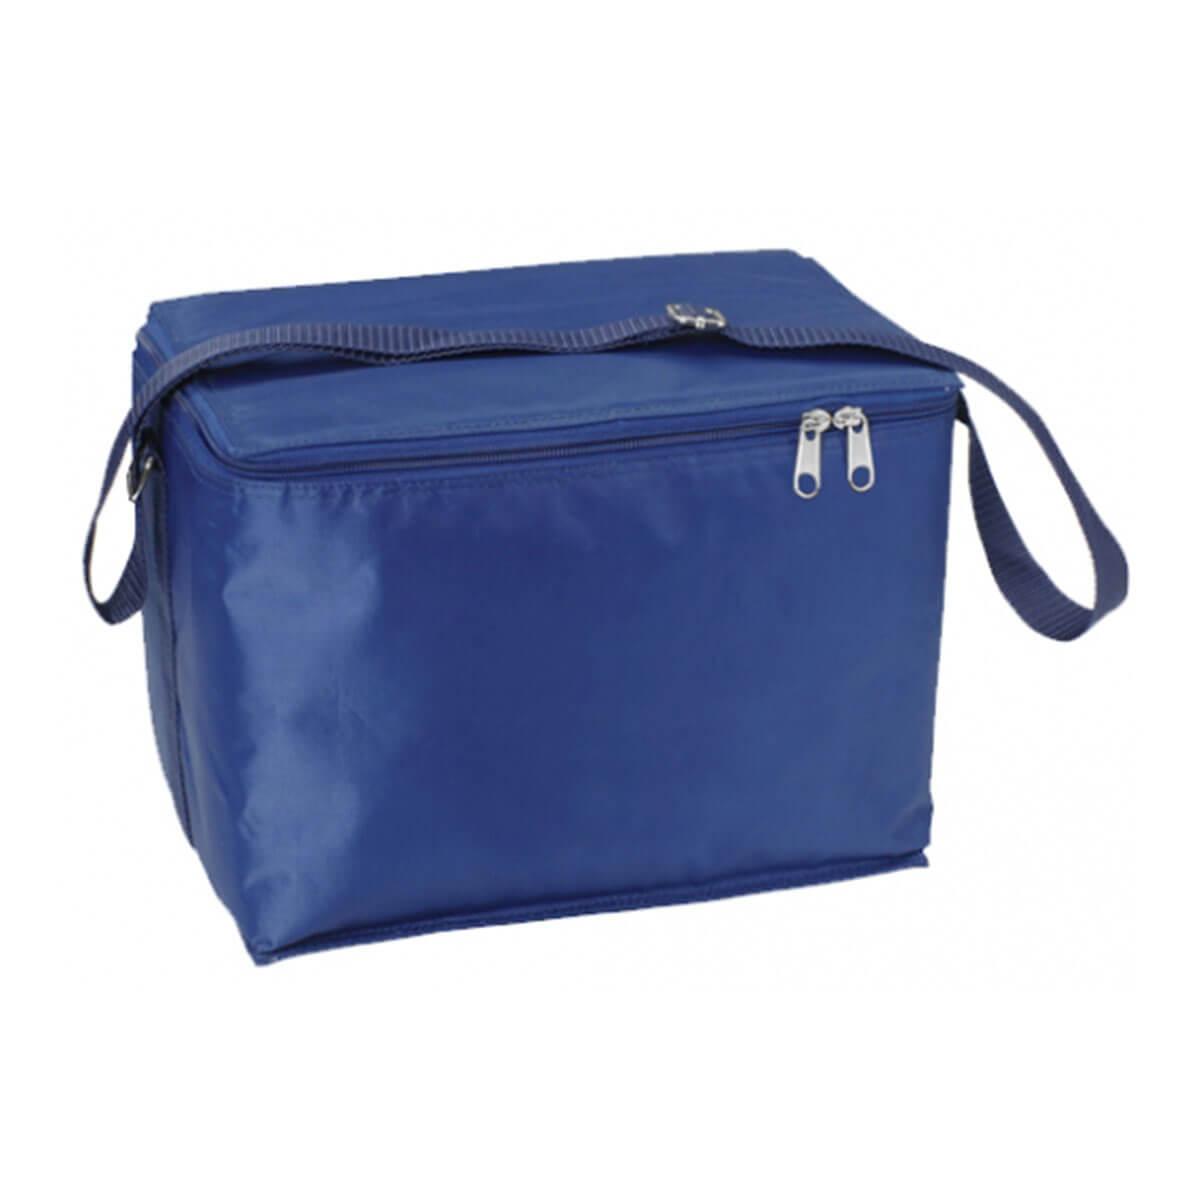 12 Can Cooler Bag-Royal